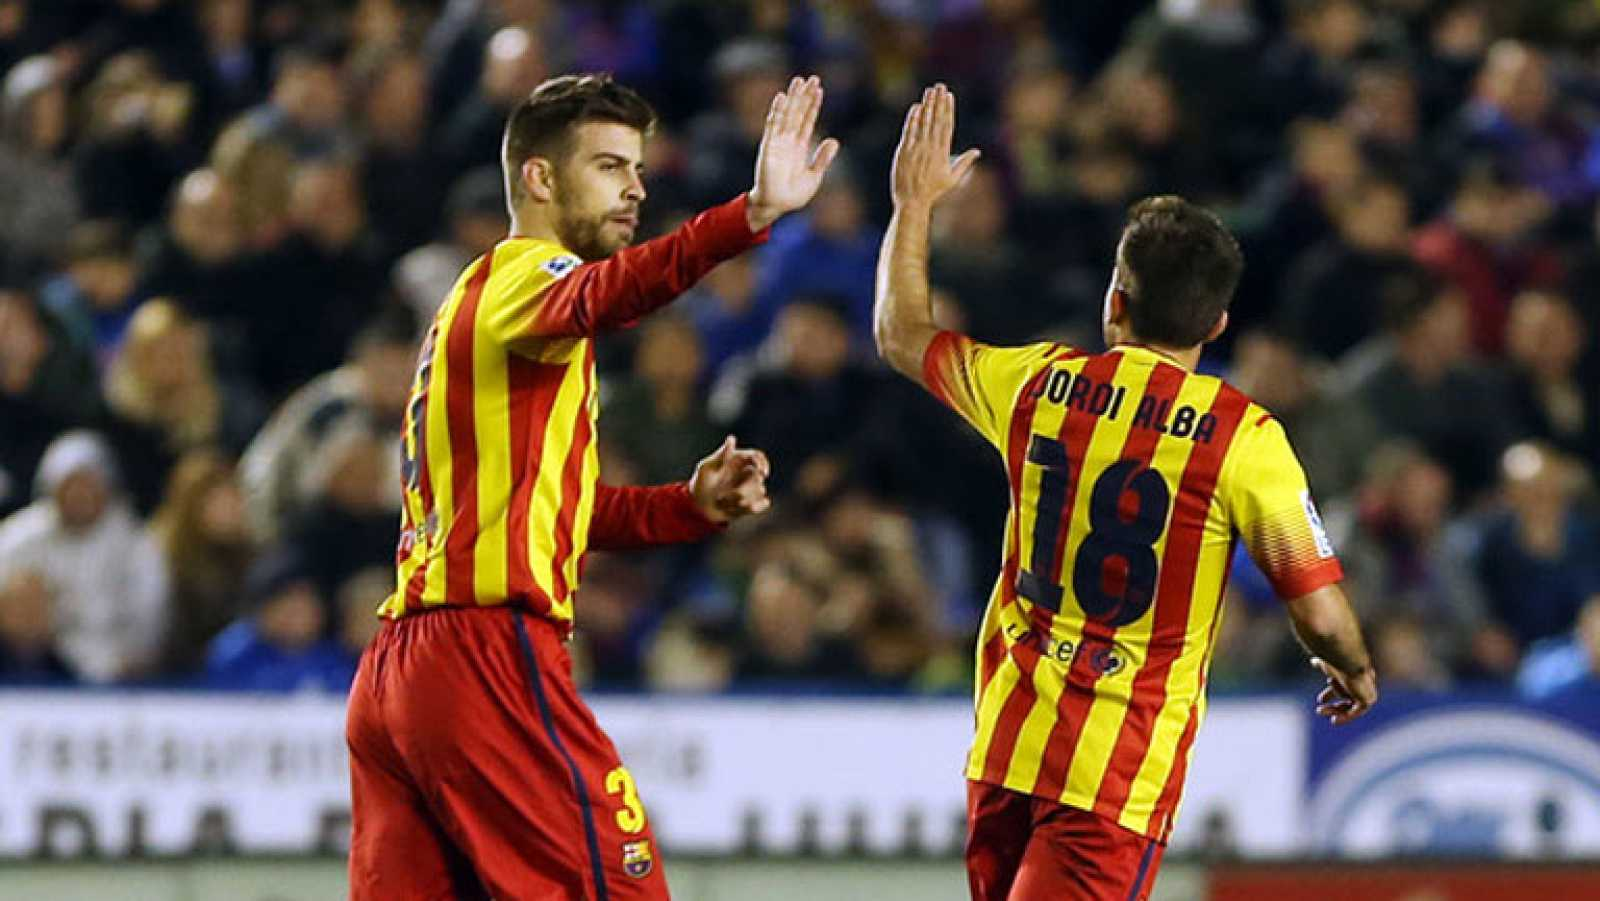 1ffca805b La LFP da luz verde para que el Barça juegue con la 'senyera' contra ...